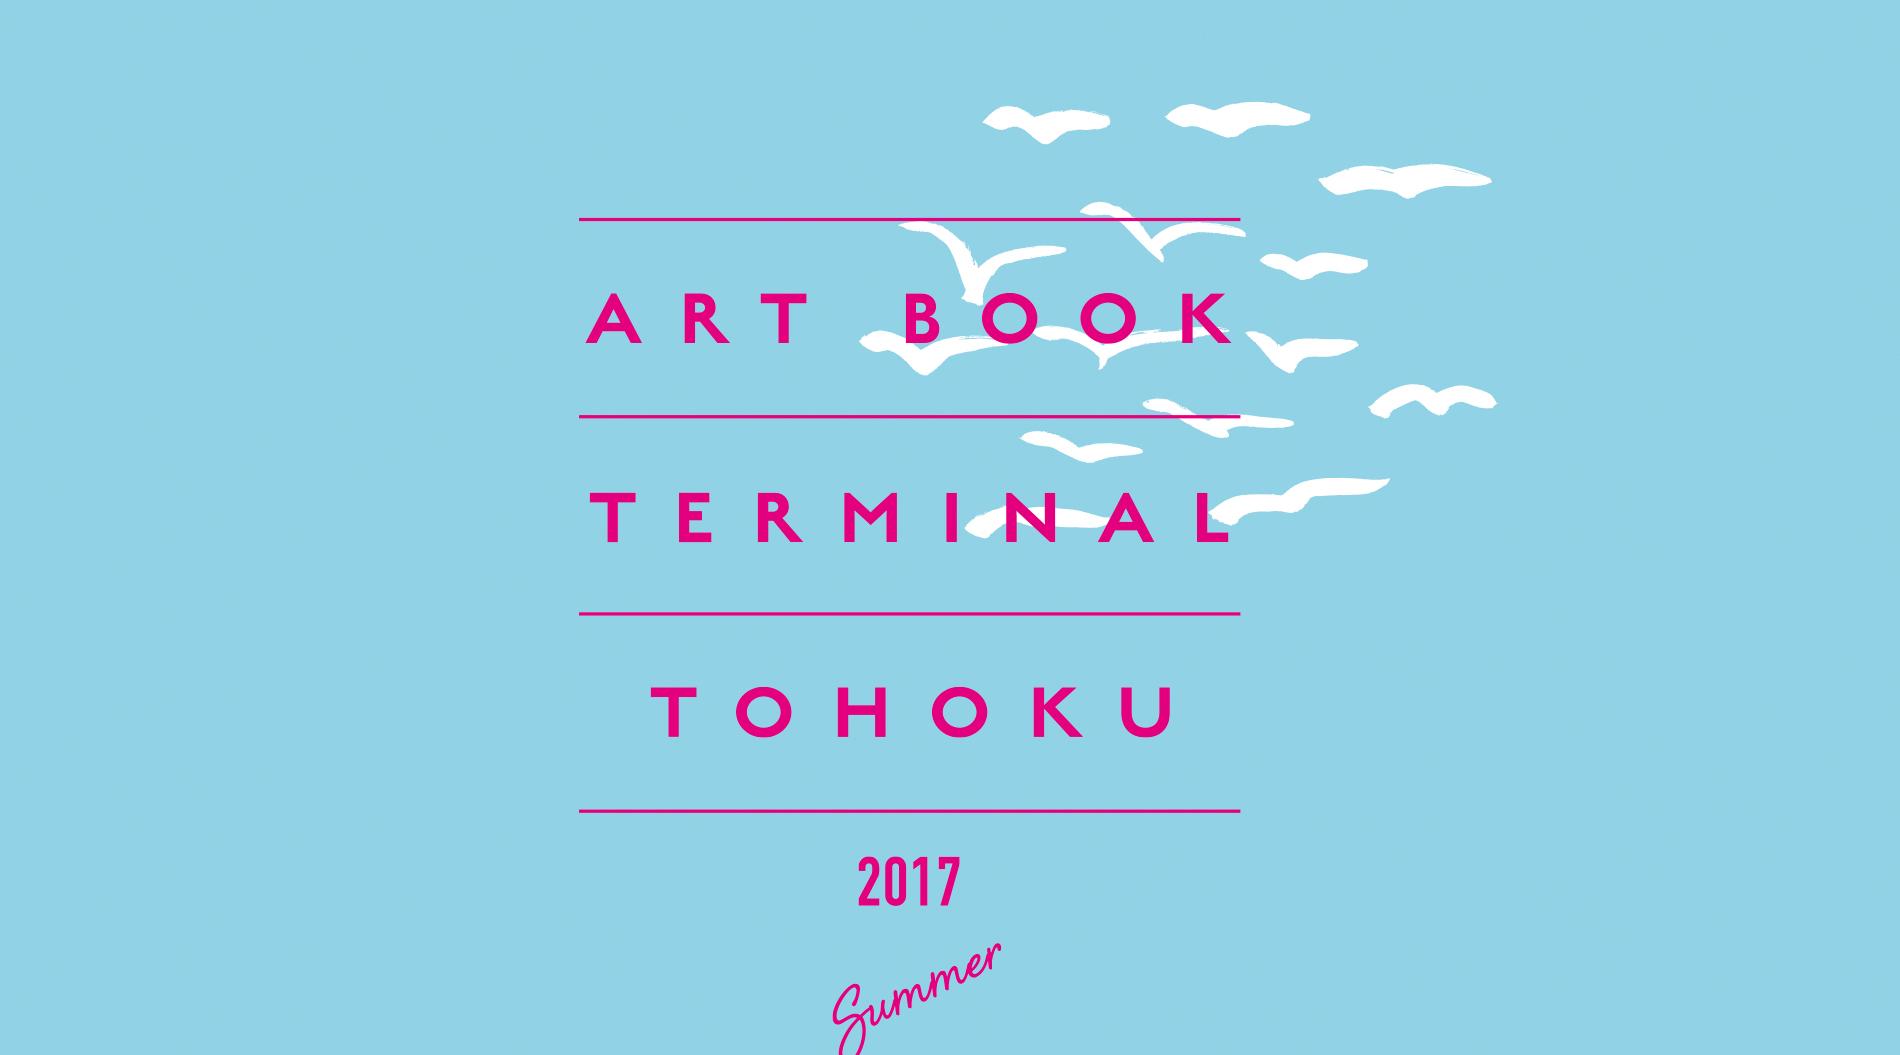 ART BOOK TERMINAL TOHOKU 2017